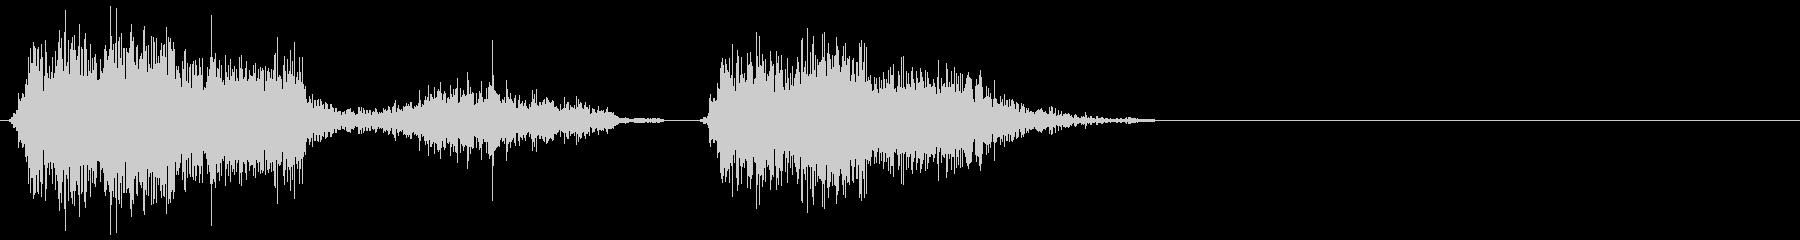 モンスターコンバイン14の未再生の波形